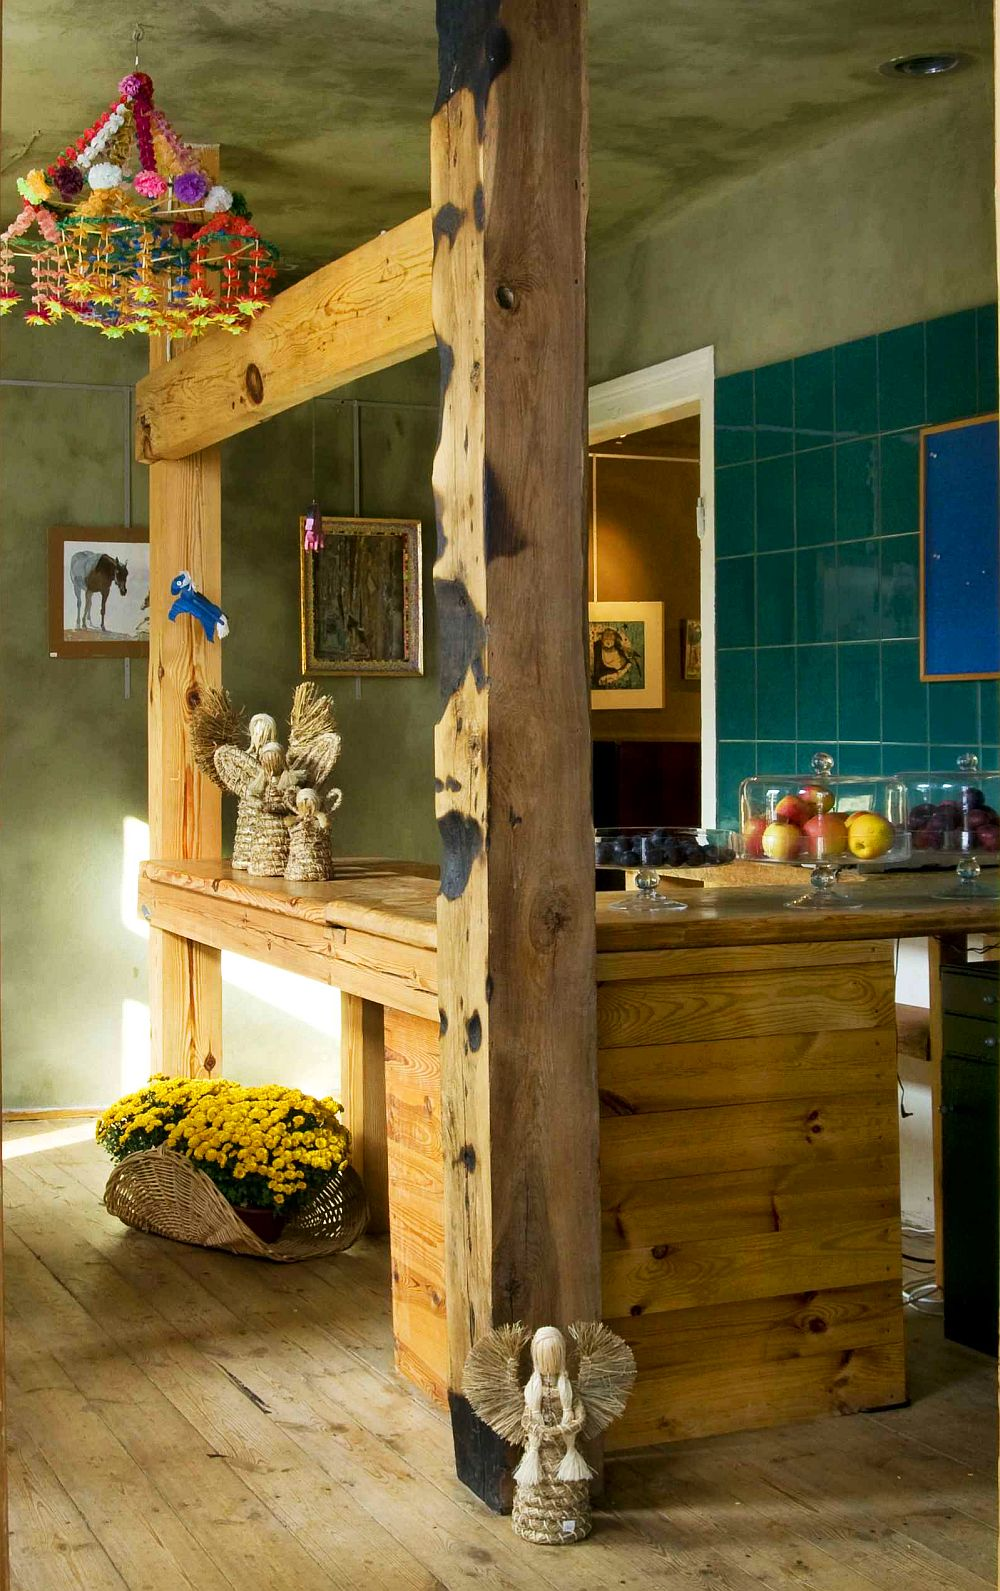 adelaparvu.com despre casa veche din lemn cu galerie de arta la tara, design Julita si Paul Sander, Foto Marek Szymanski (10)